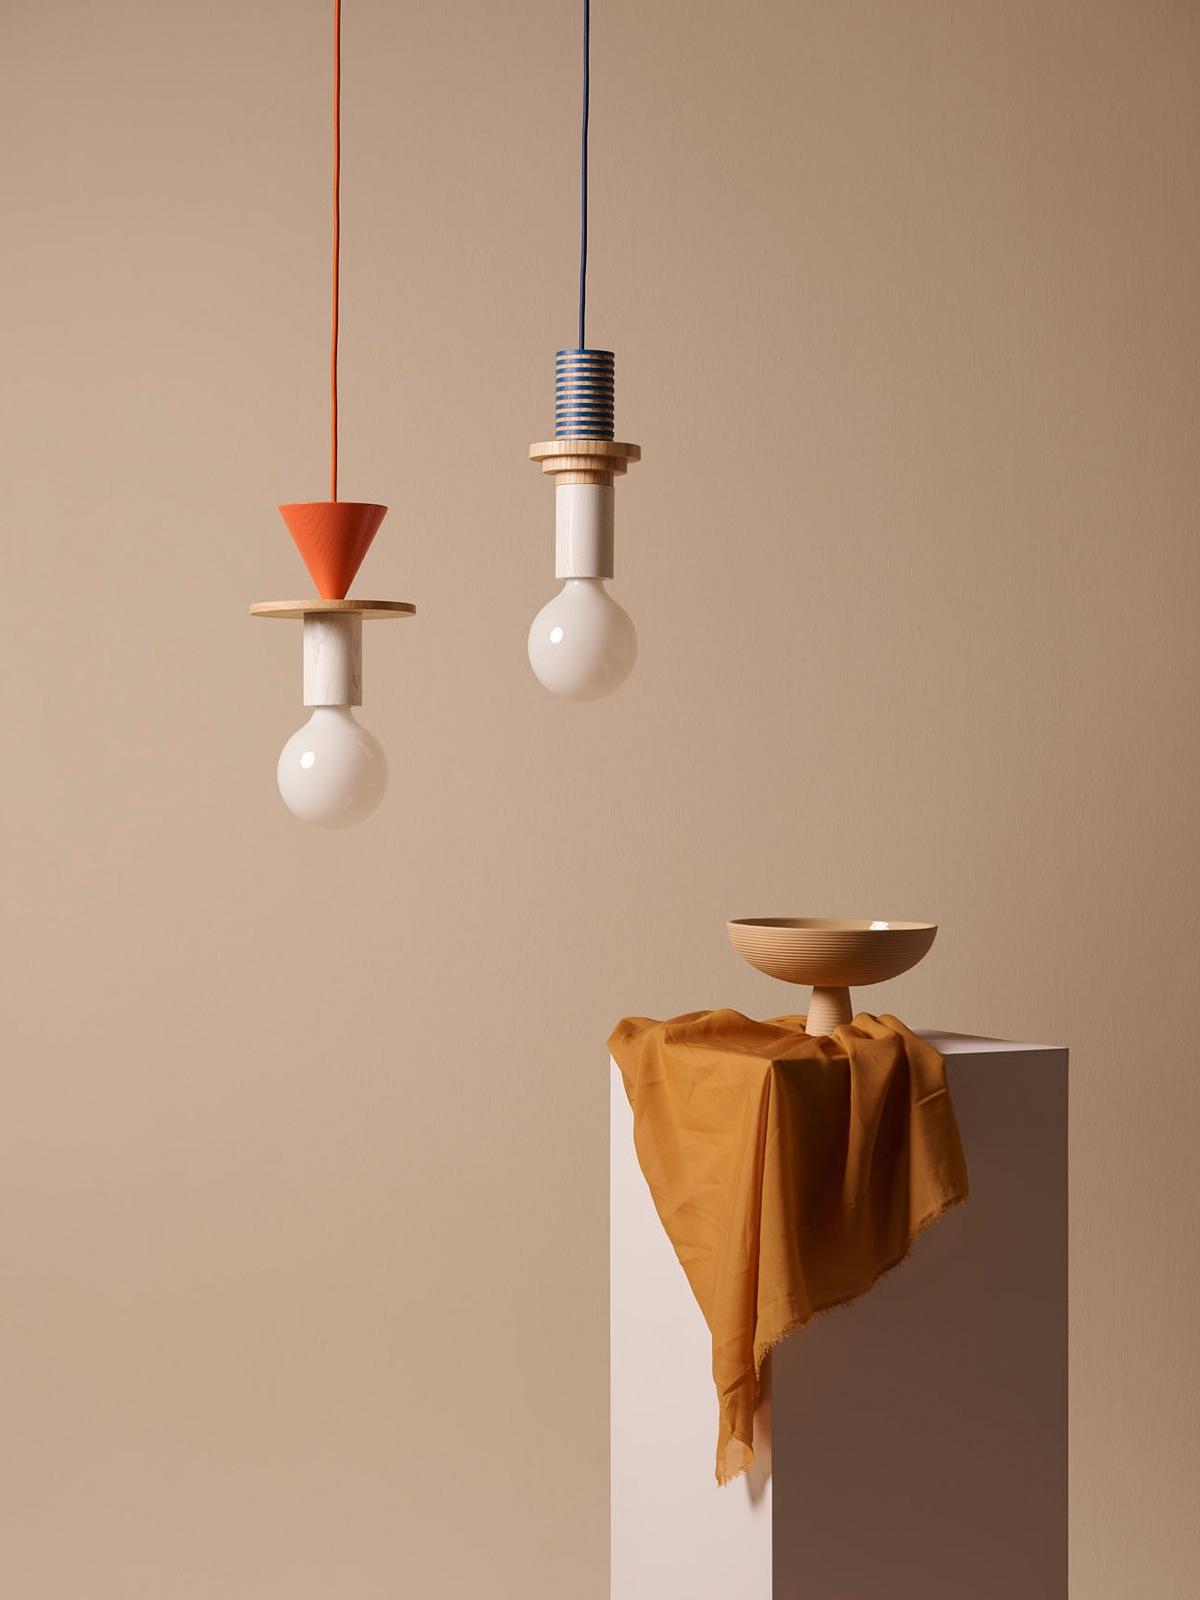 DesignOrt Blog: Schneid Junit Pendelleuchte System aus Holz mit weißer Glühbirne Leuchten Berlin DesignOrt Onlineshop